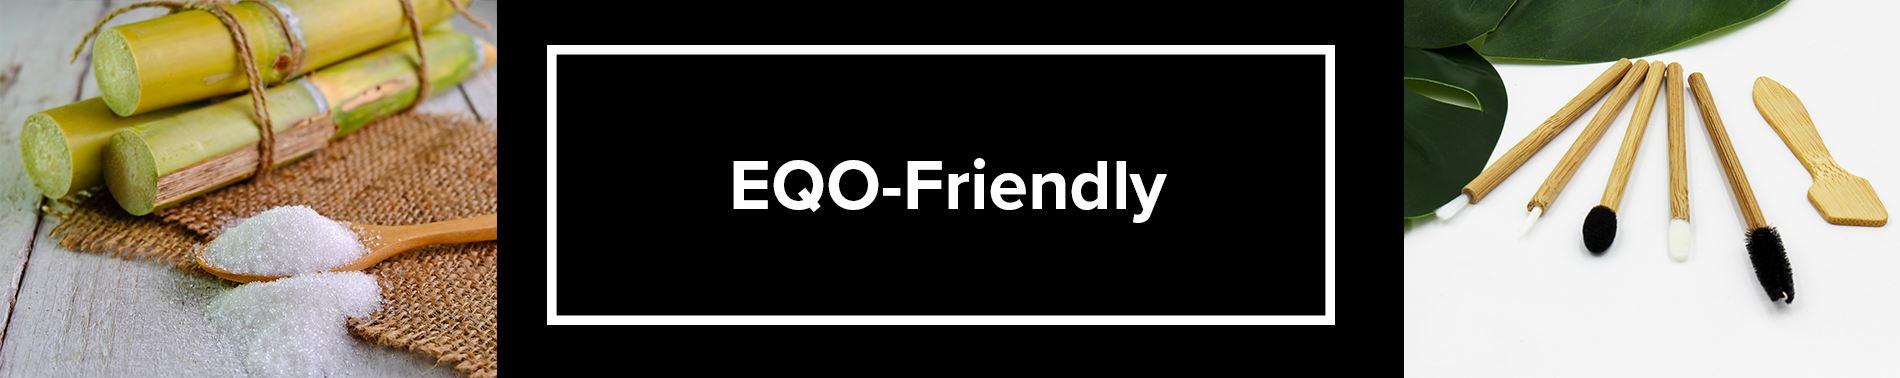 EQO-Friendly header banner